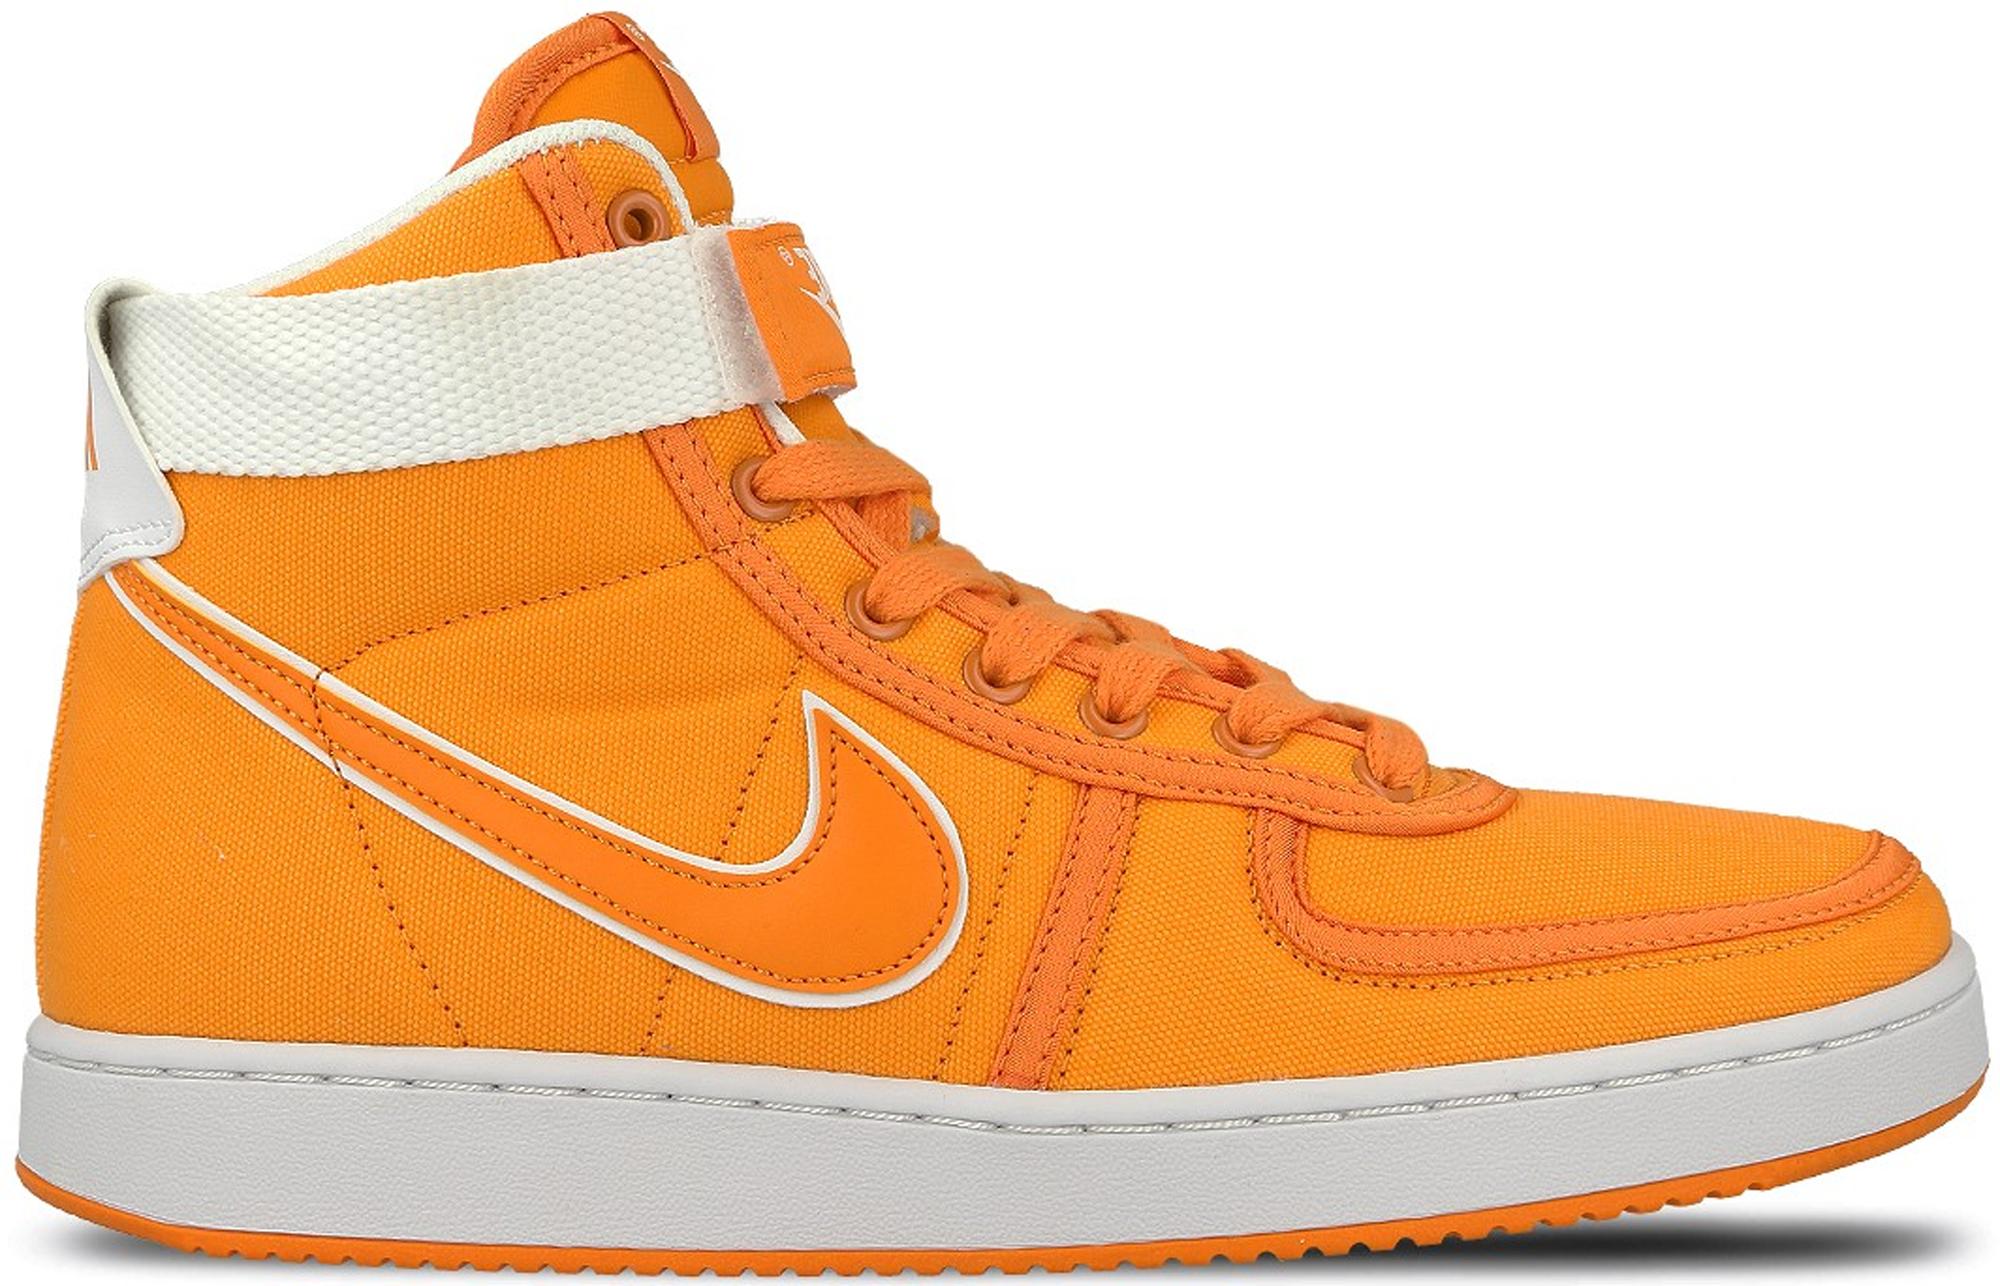 New NIKE Vandal Supreme Hi Top Mens orange sneaker all sizes